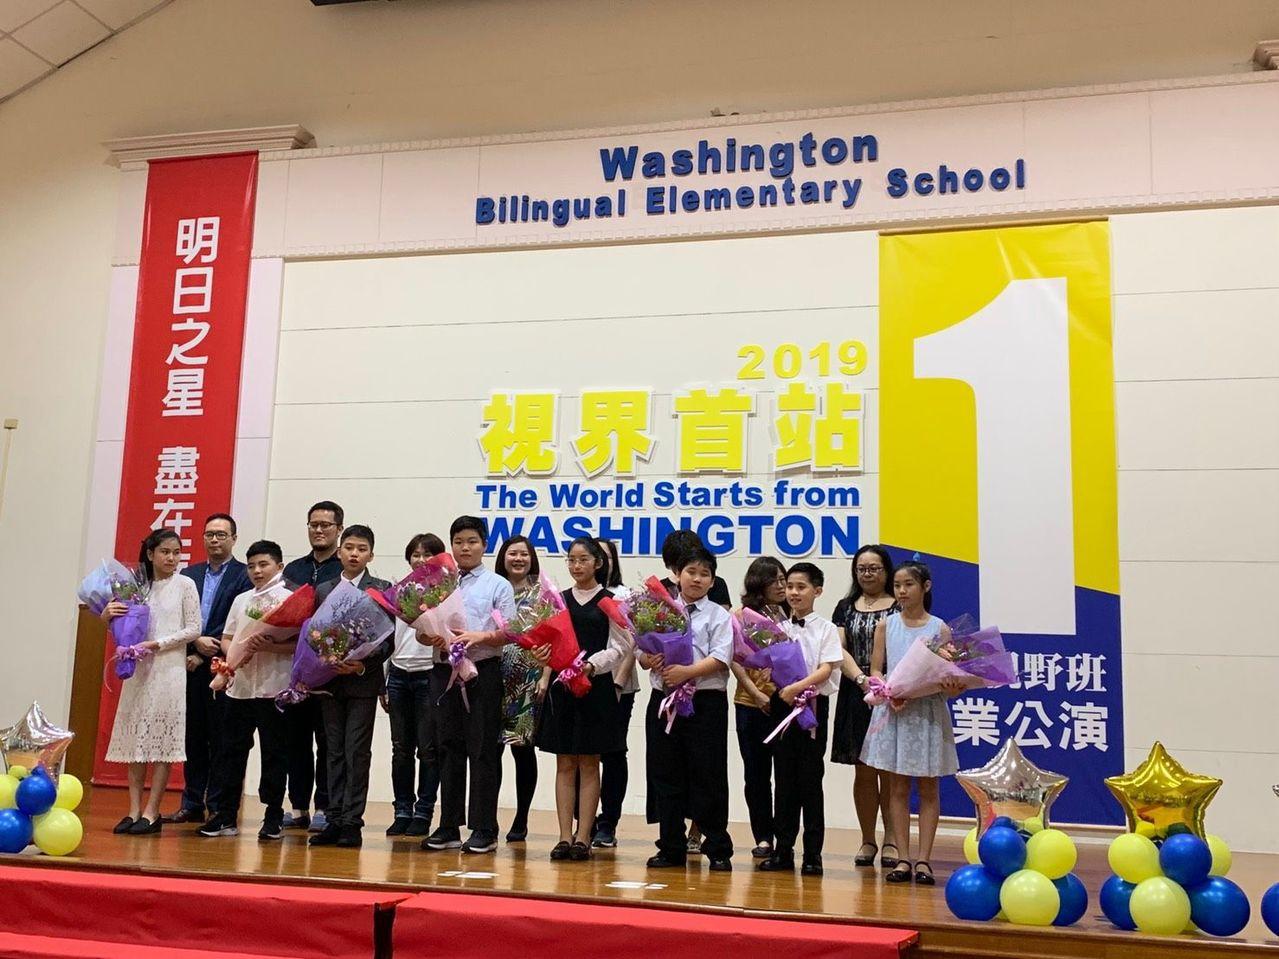 華盛頓小學「環球視野班」首屆畢業生 圖/台中華盛頓小學提供